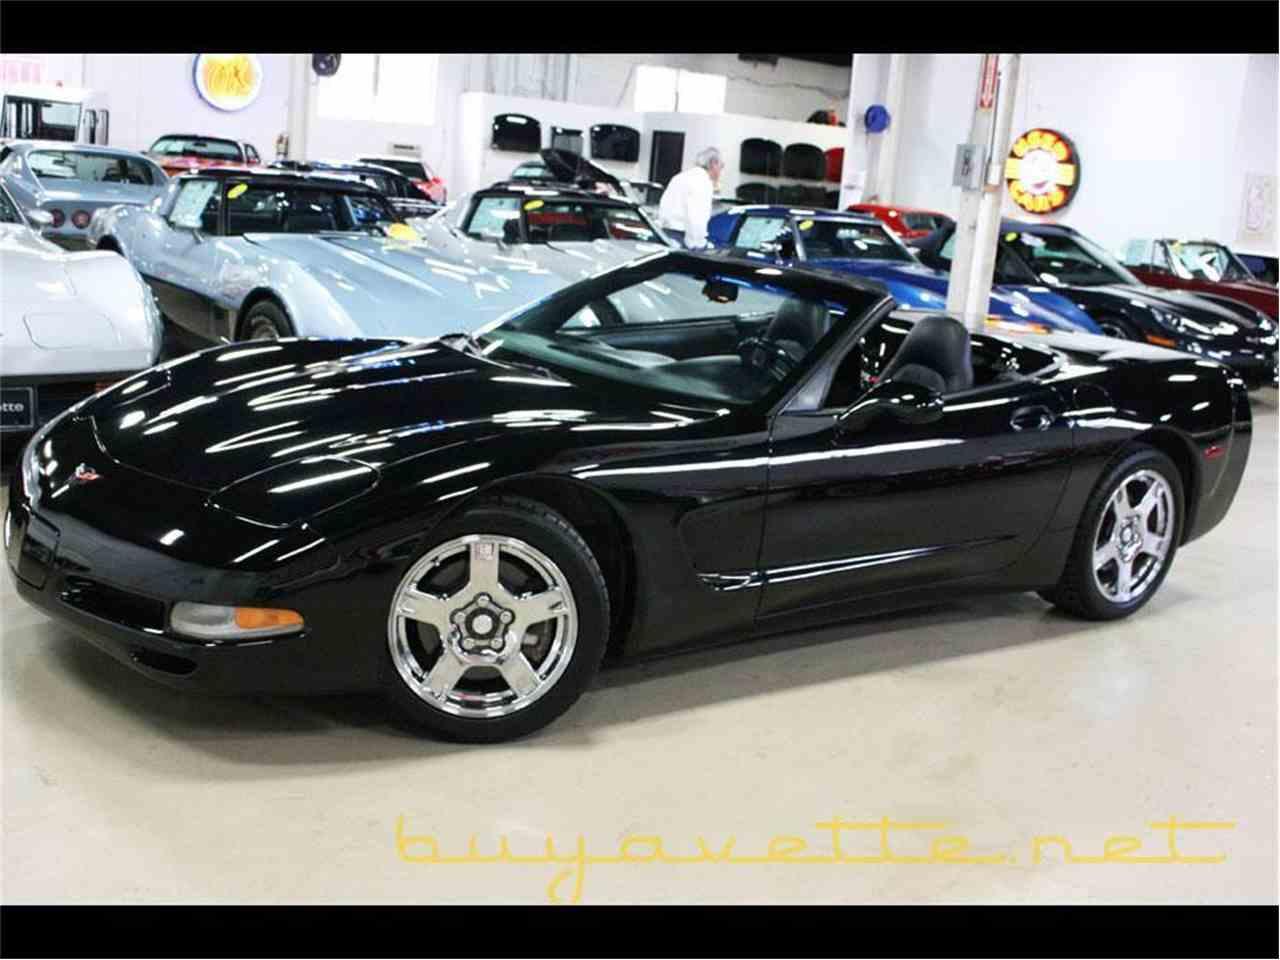 Large Picture of 1999 Chevrolet Corvette located in Atlanta Georgia - $13,999.00 - C89P